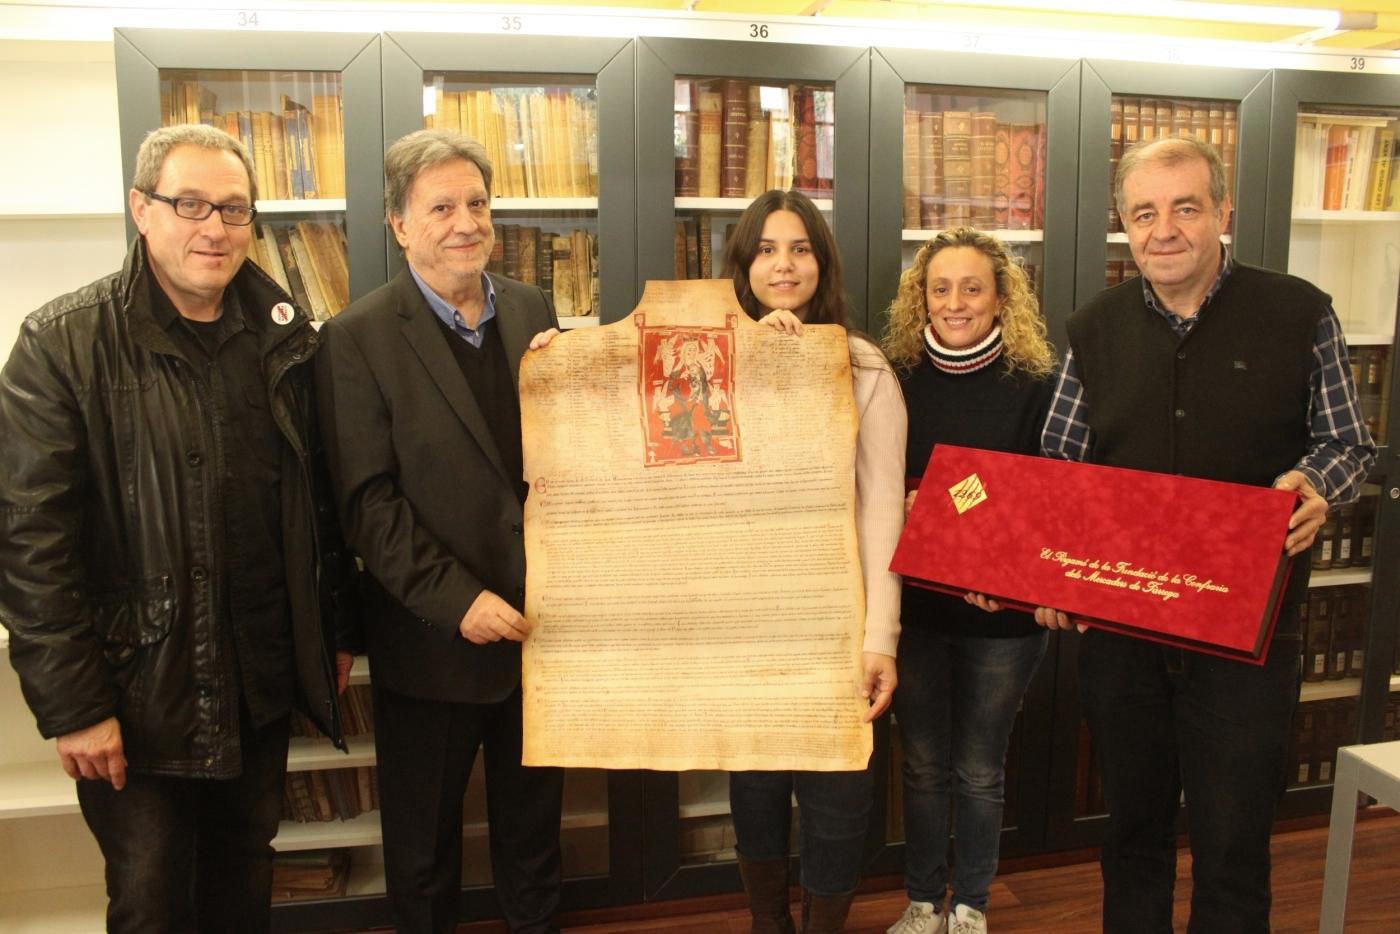 Publiquen una reproducció del pergamí de la confraria dels mercaders de Tàrrega datat l'any 1269